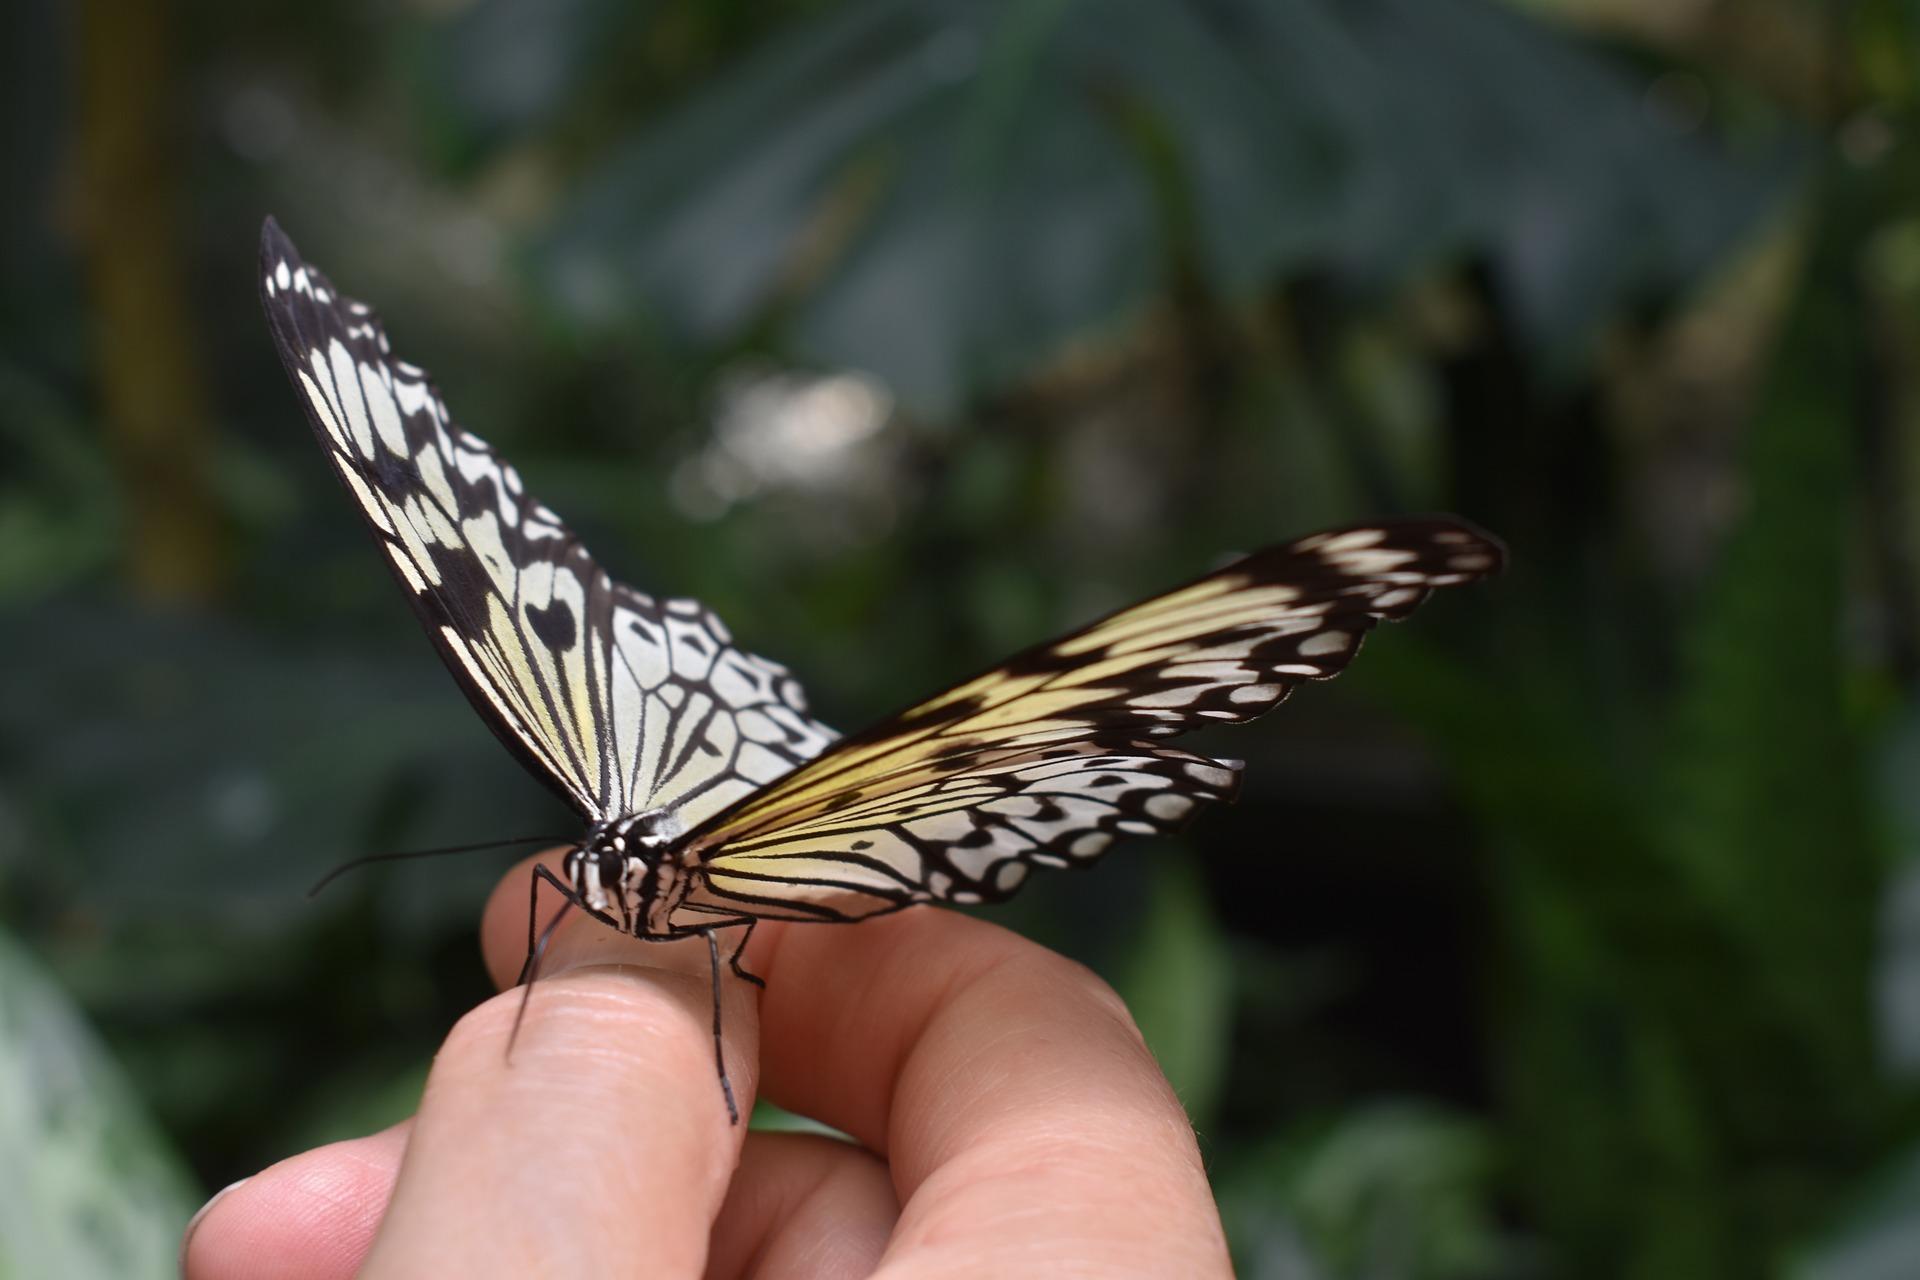 butterfly-3806127_1920.jpg